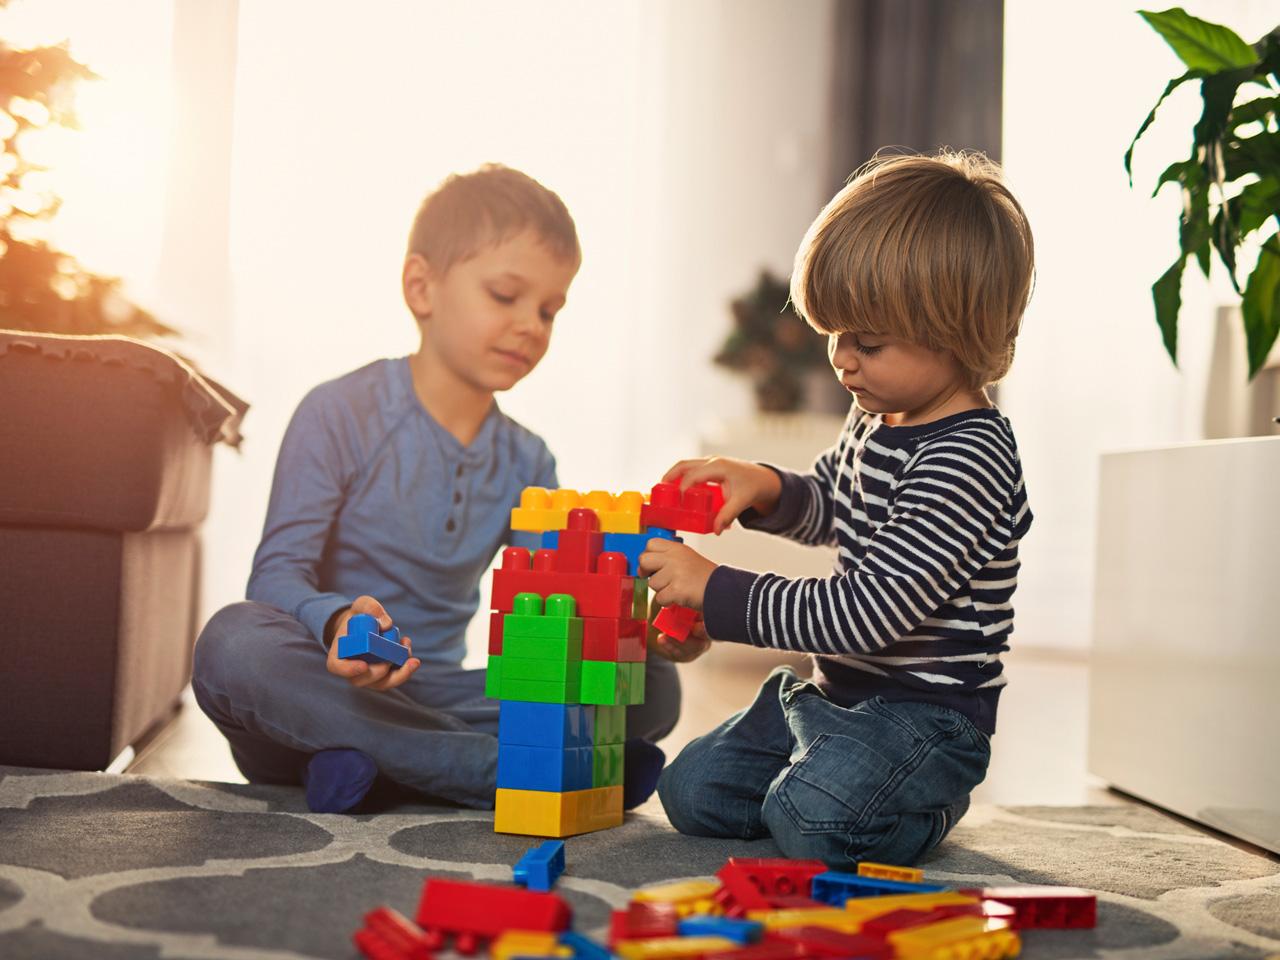 Atividades divertidas para crianças de dois anos: crianças brincam com peças soltas em momento de descontração